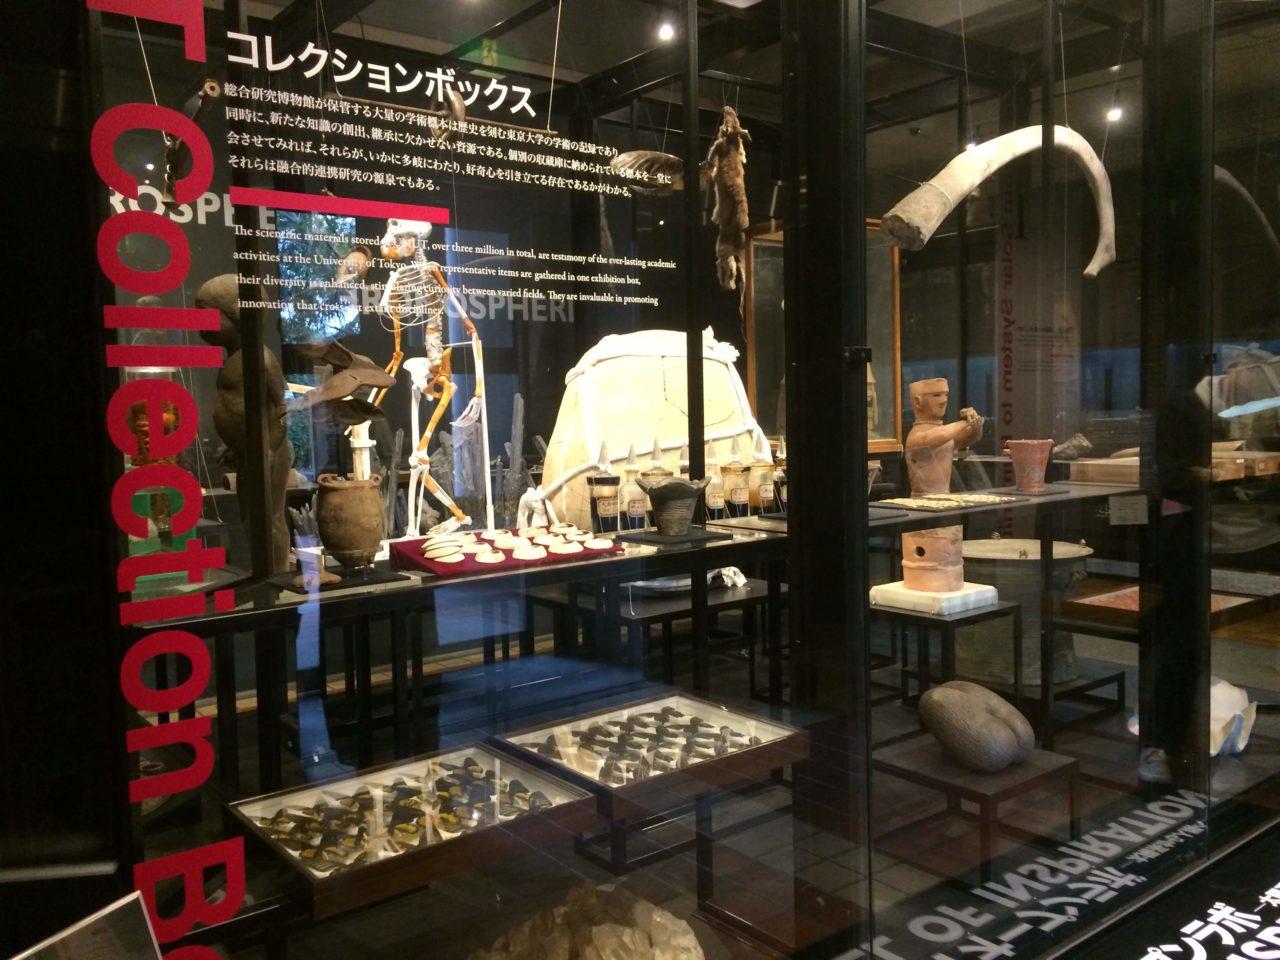 キャプション:博物館入り口の様子。たしかに展示品のジャンルがばらばらだ。